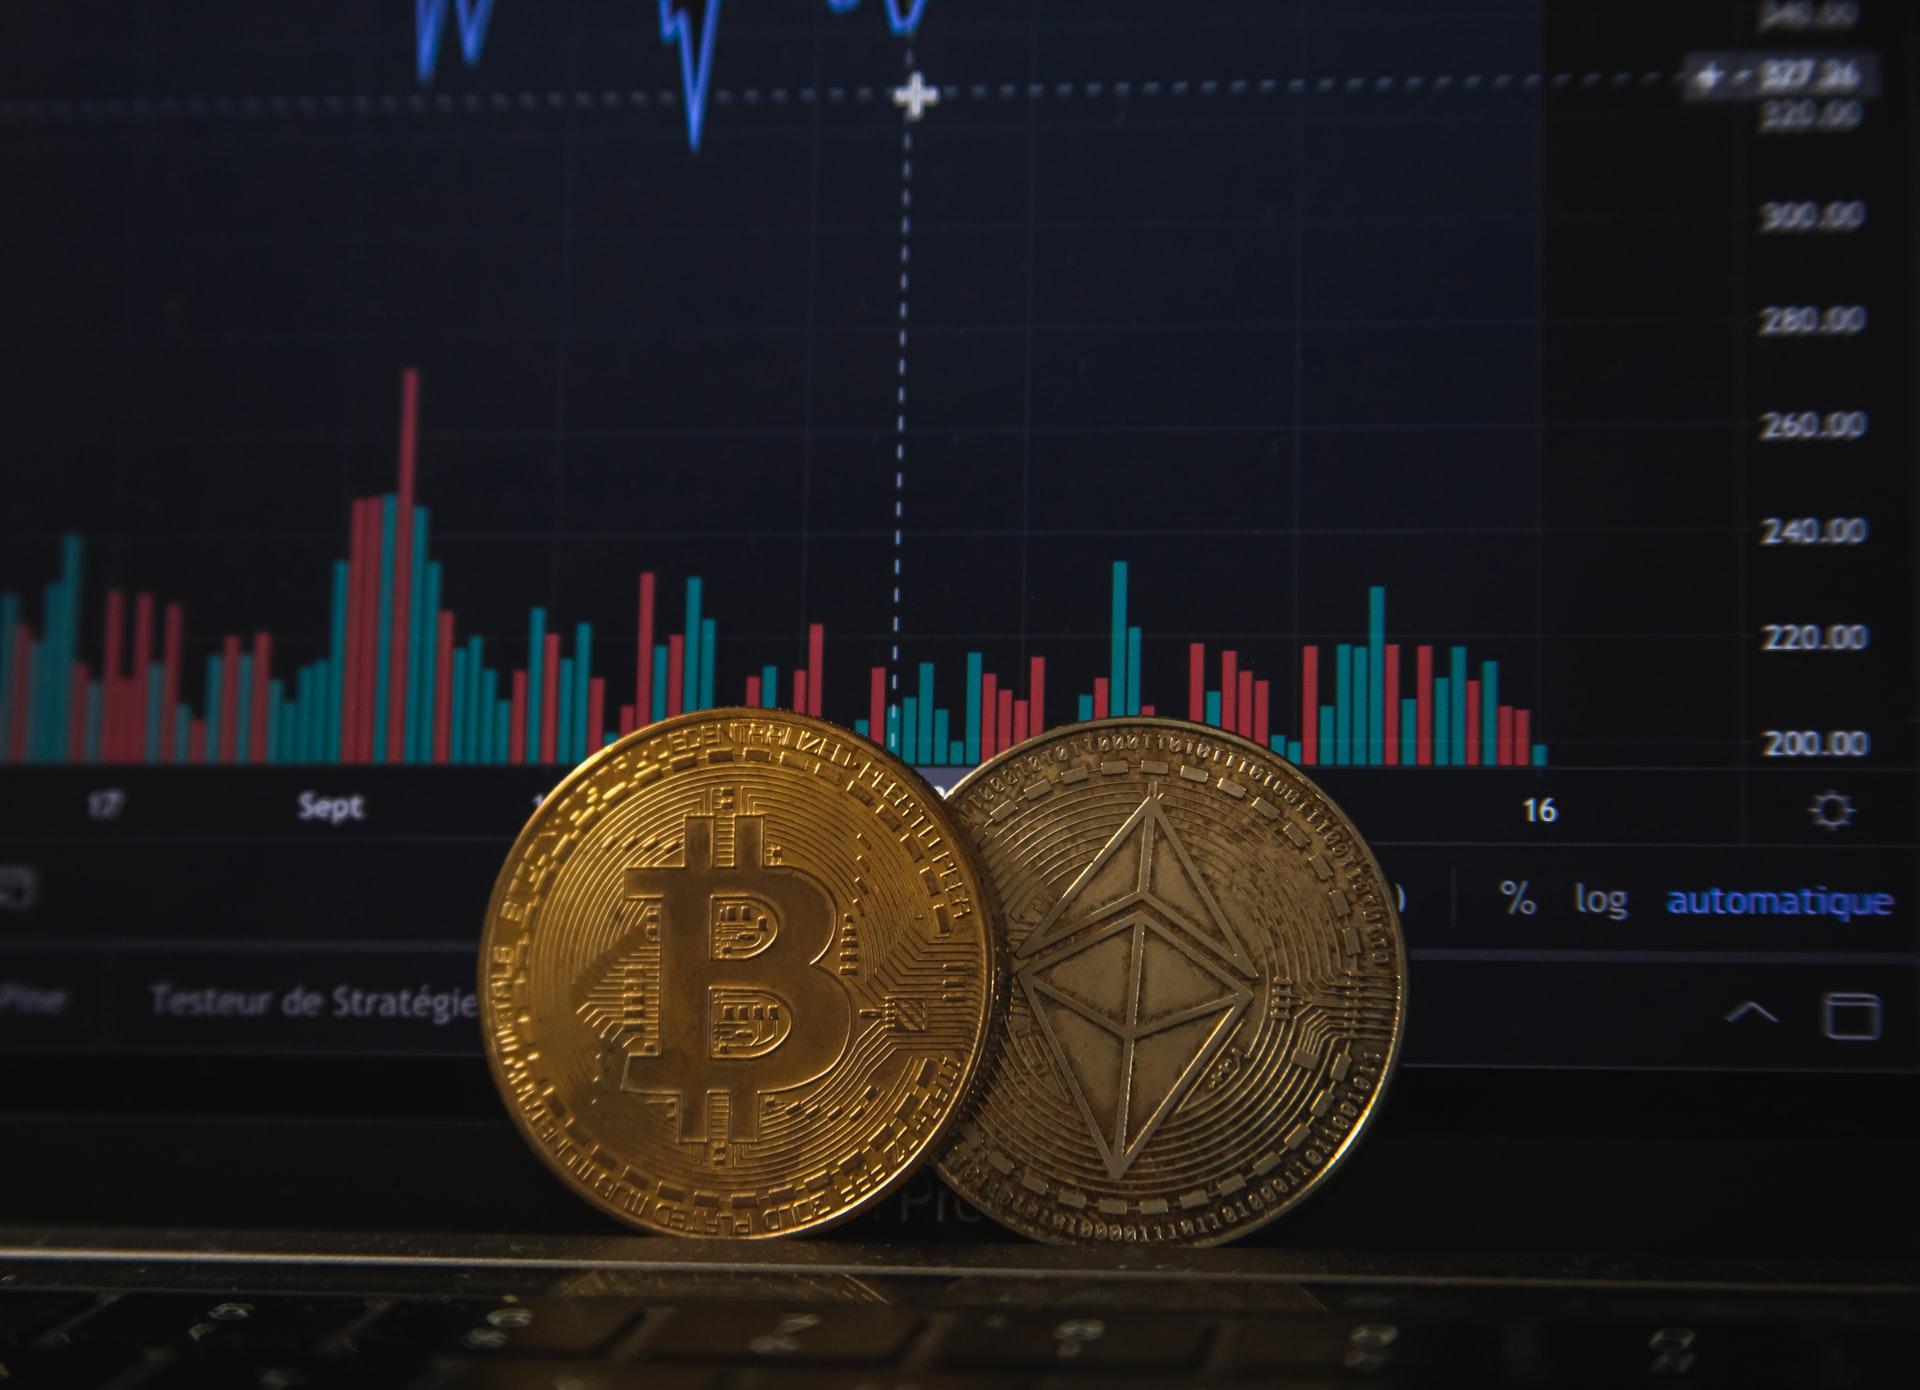 Bitcoin alcanza nuevo máximo histórico en su precio por encima de los 63.000 dólares, mientras que Ethereum también lo hace al superar los 2.200 dólares